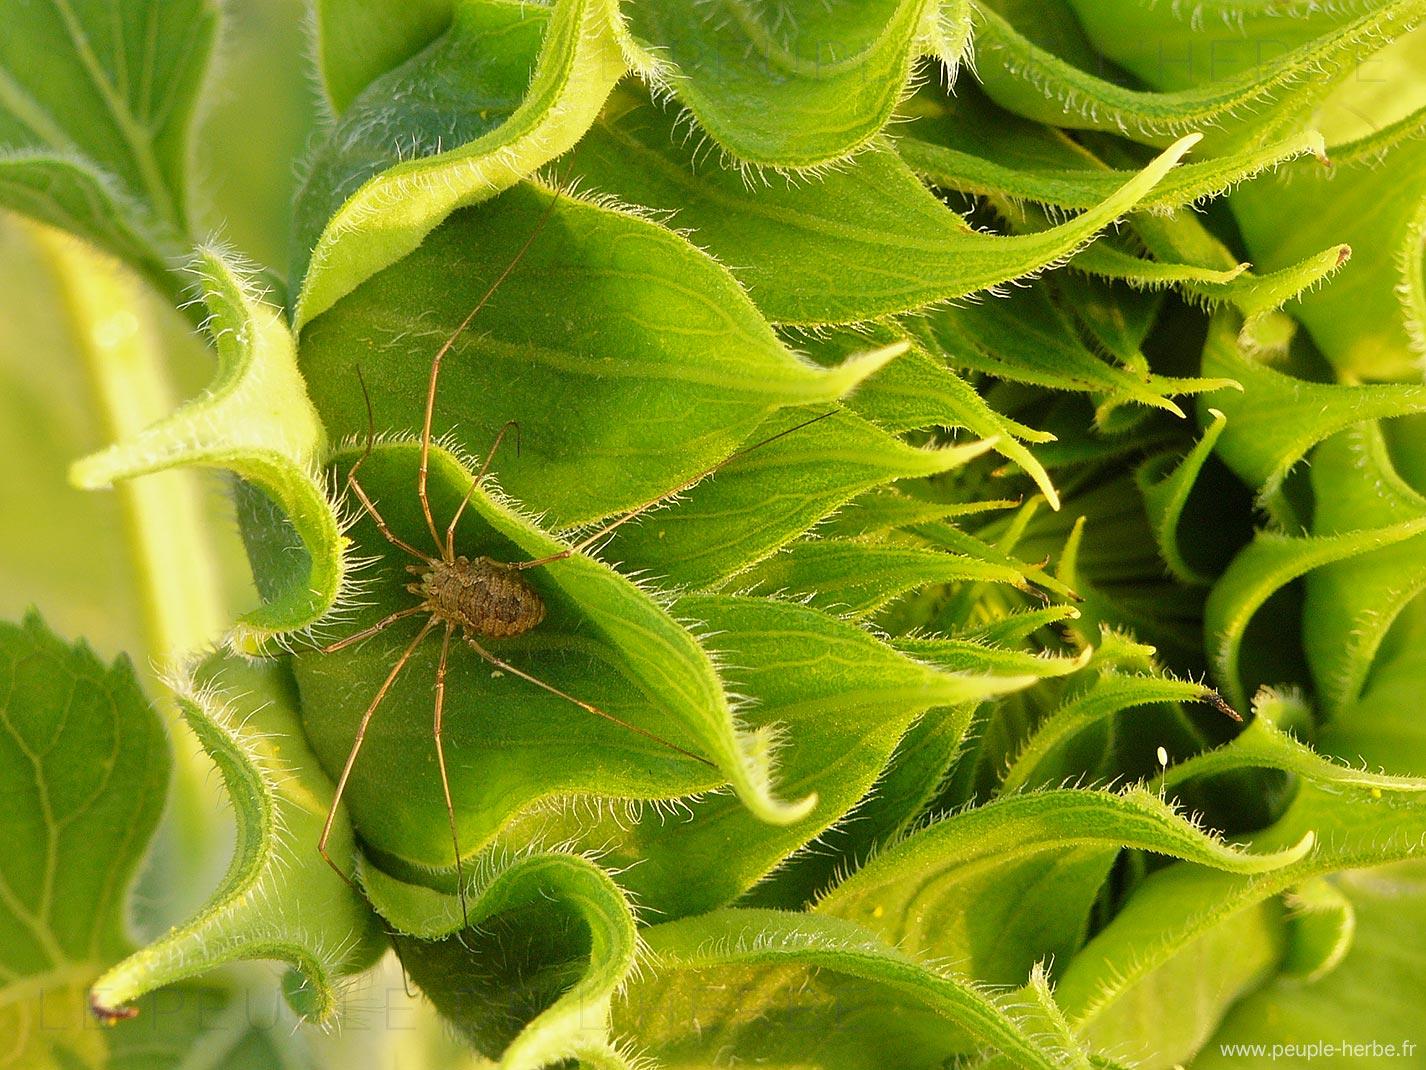 Faucheux (Phalangium opilio)